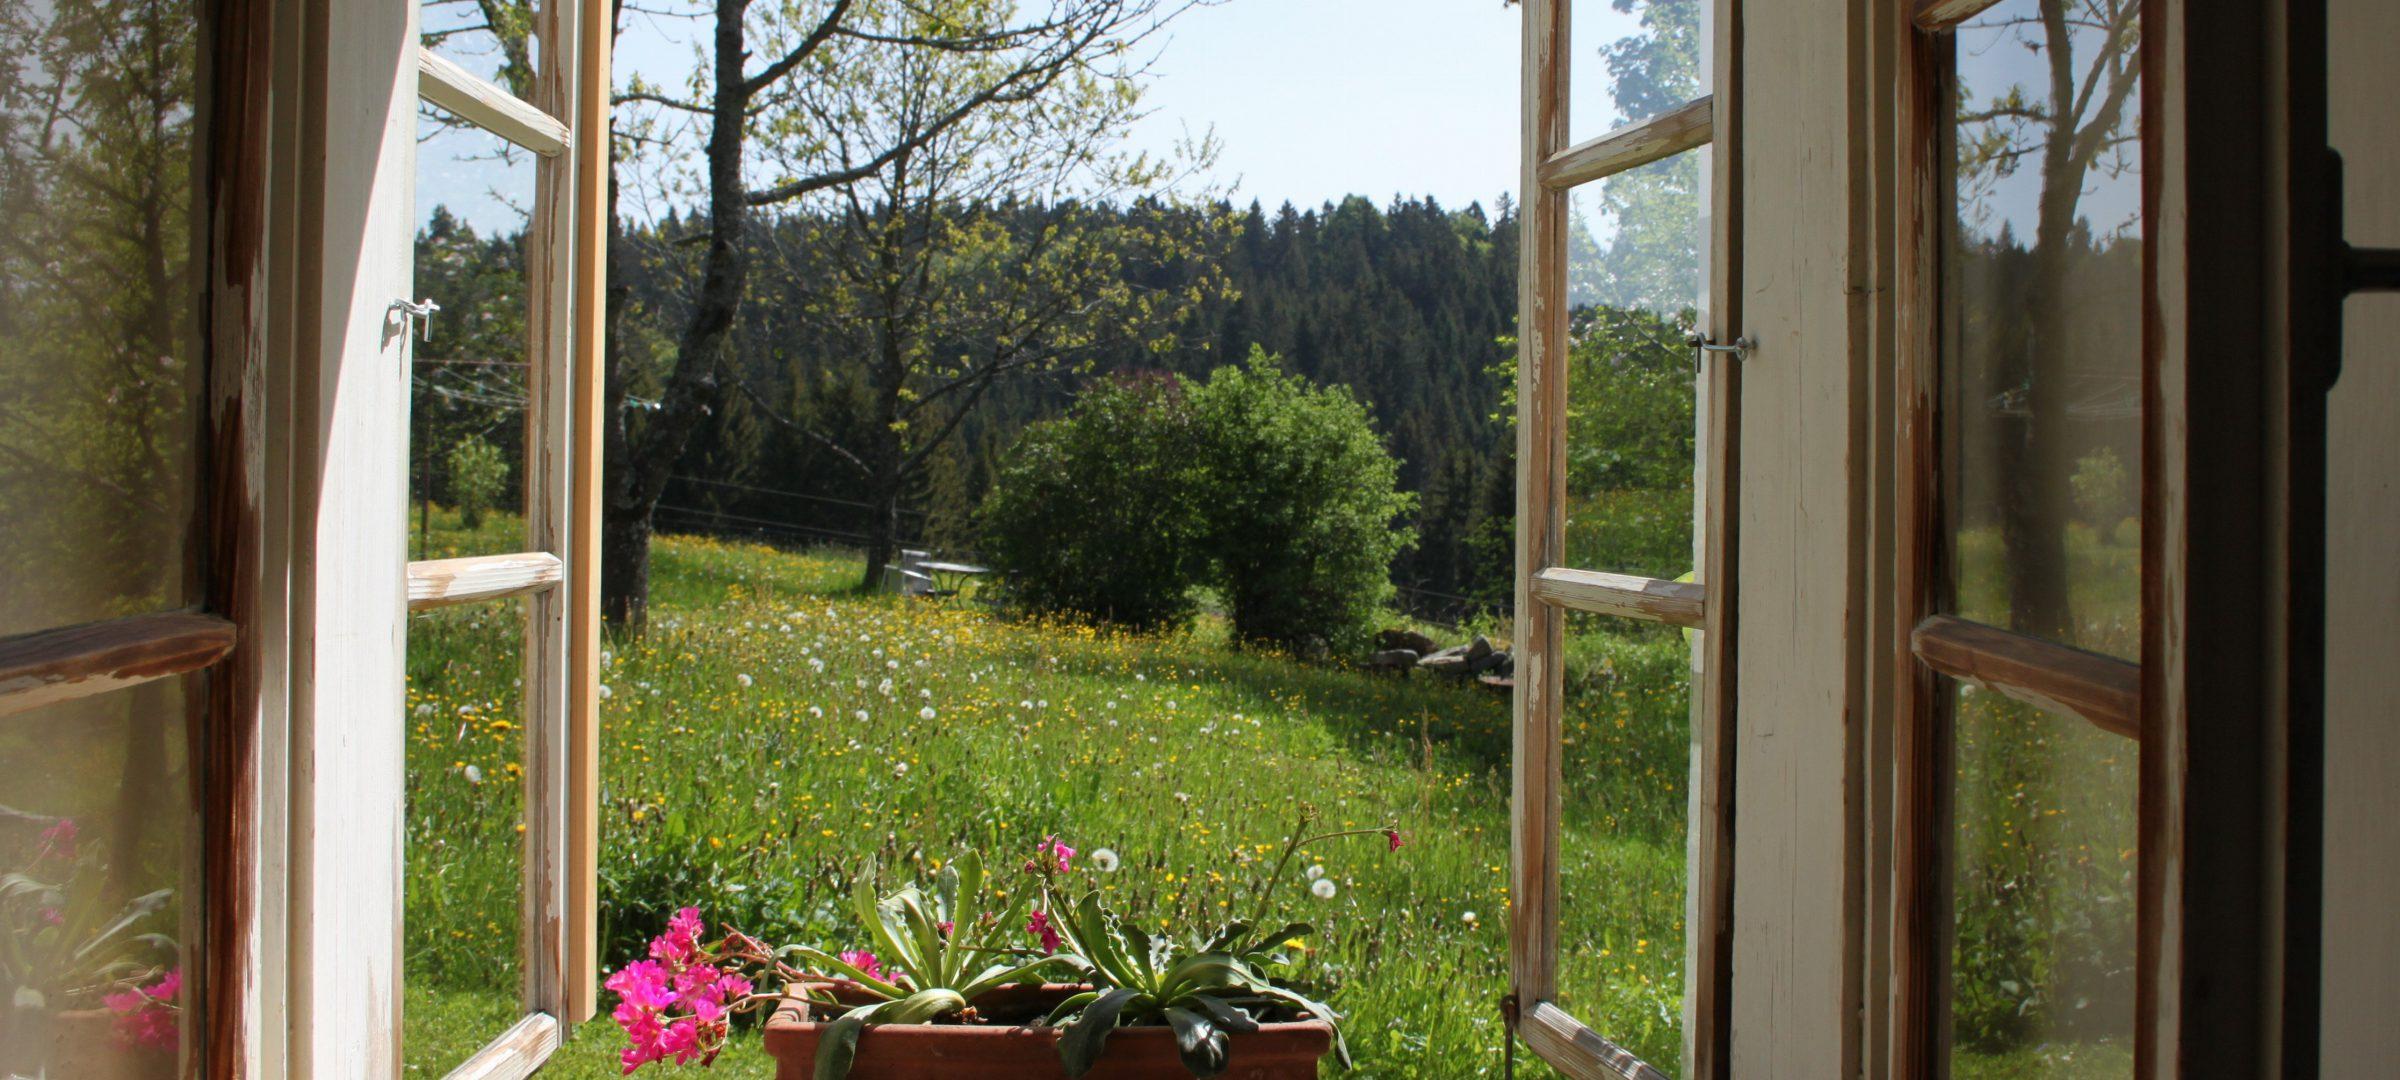 Haidl Madl Ferienhaus Fenster Aussicht